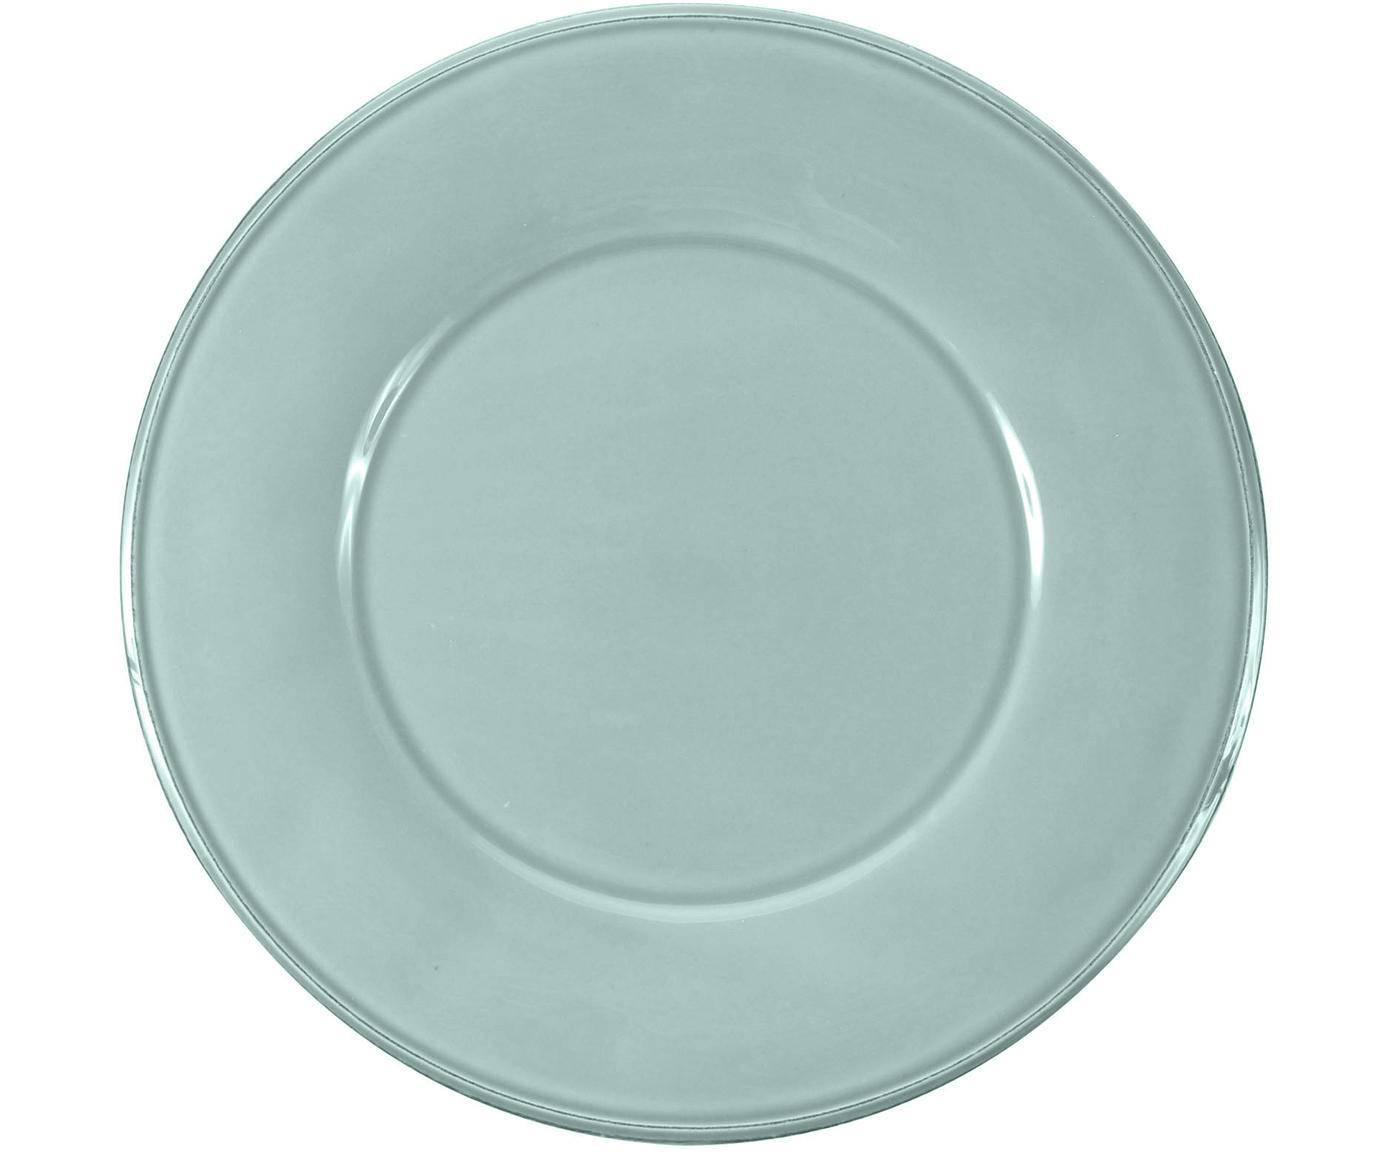 Talerz duży obiadowy Constance, 2 szt., Kamionka, Miętowy, Ø 29 cm